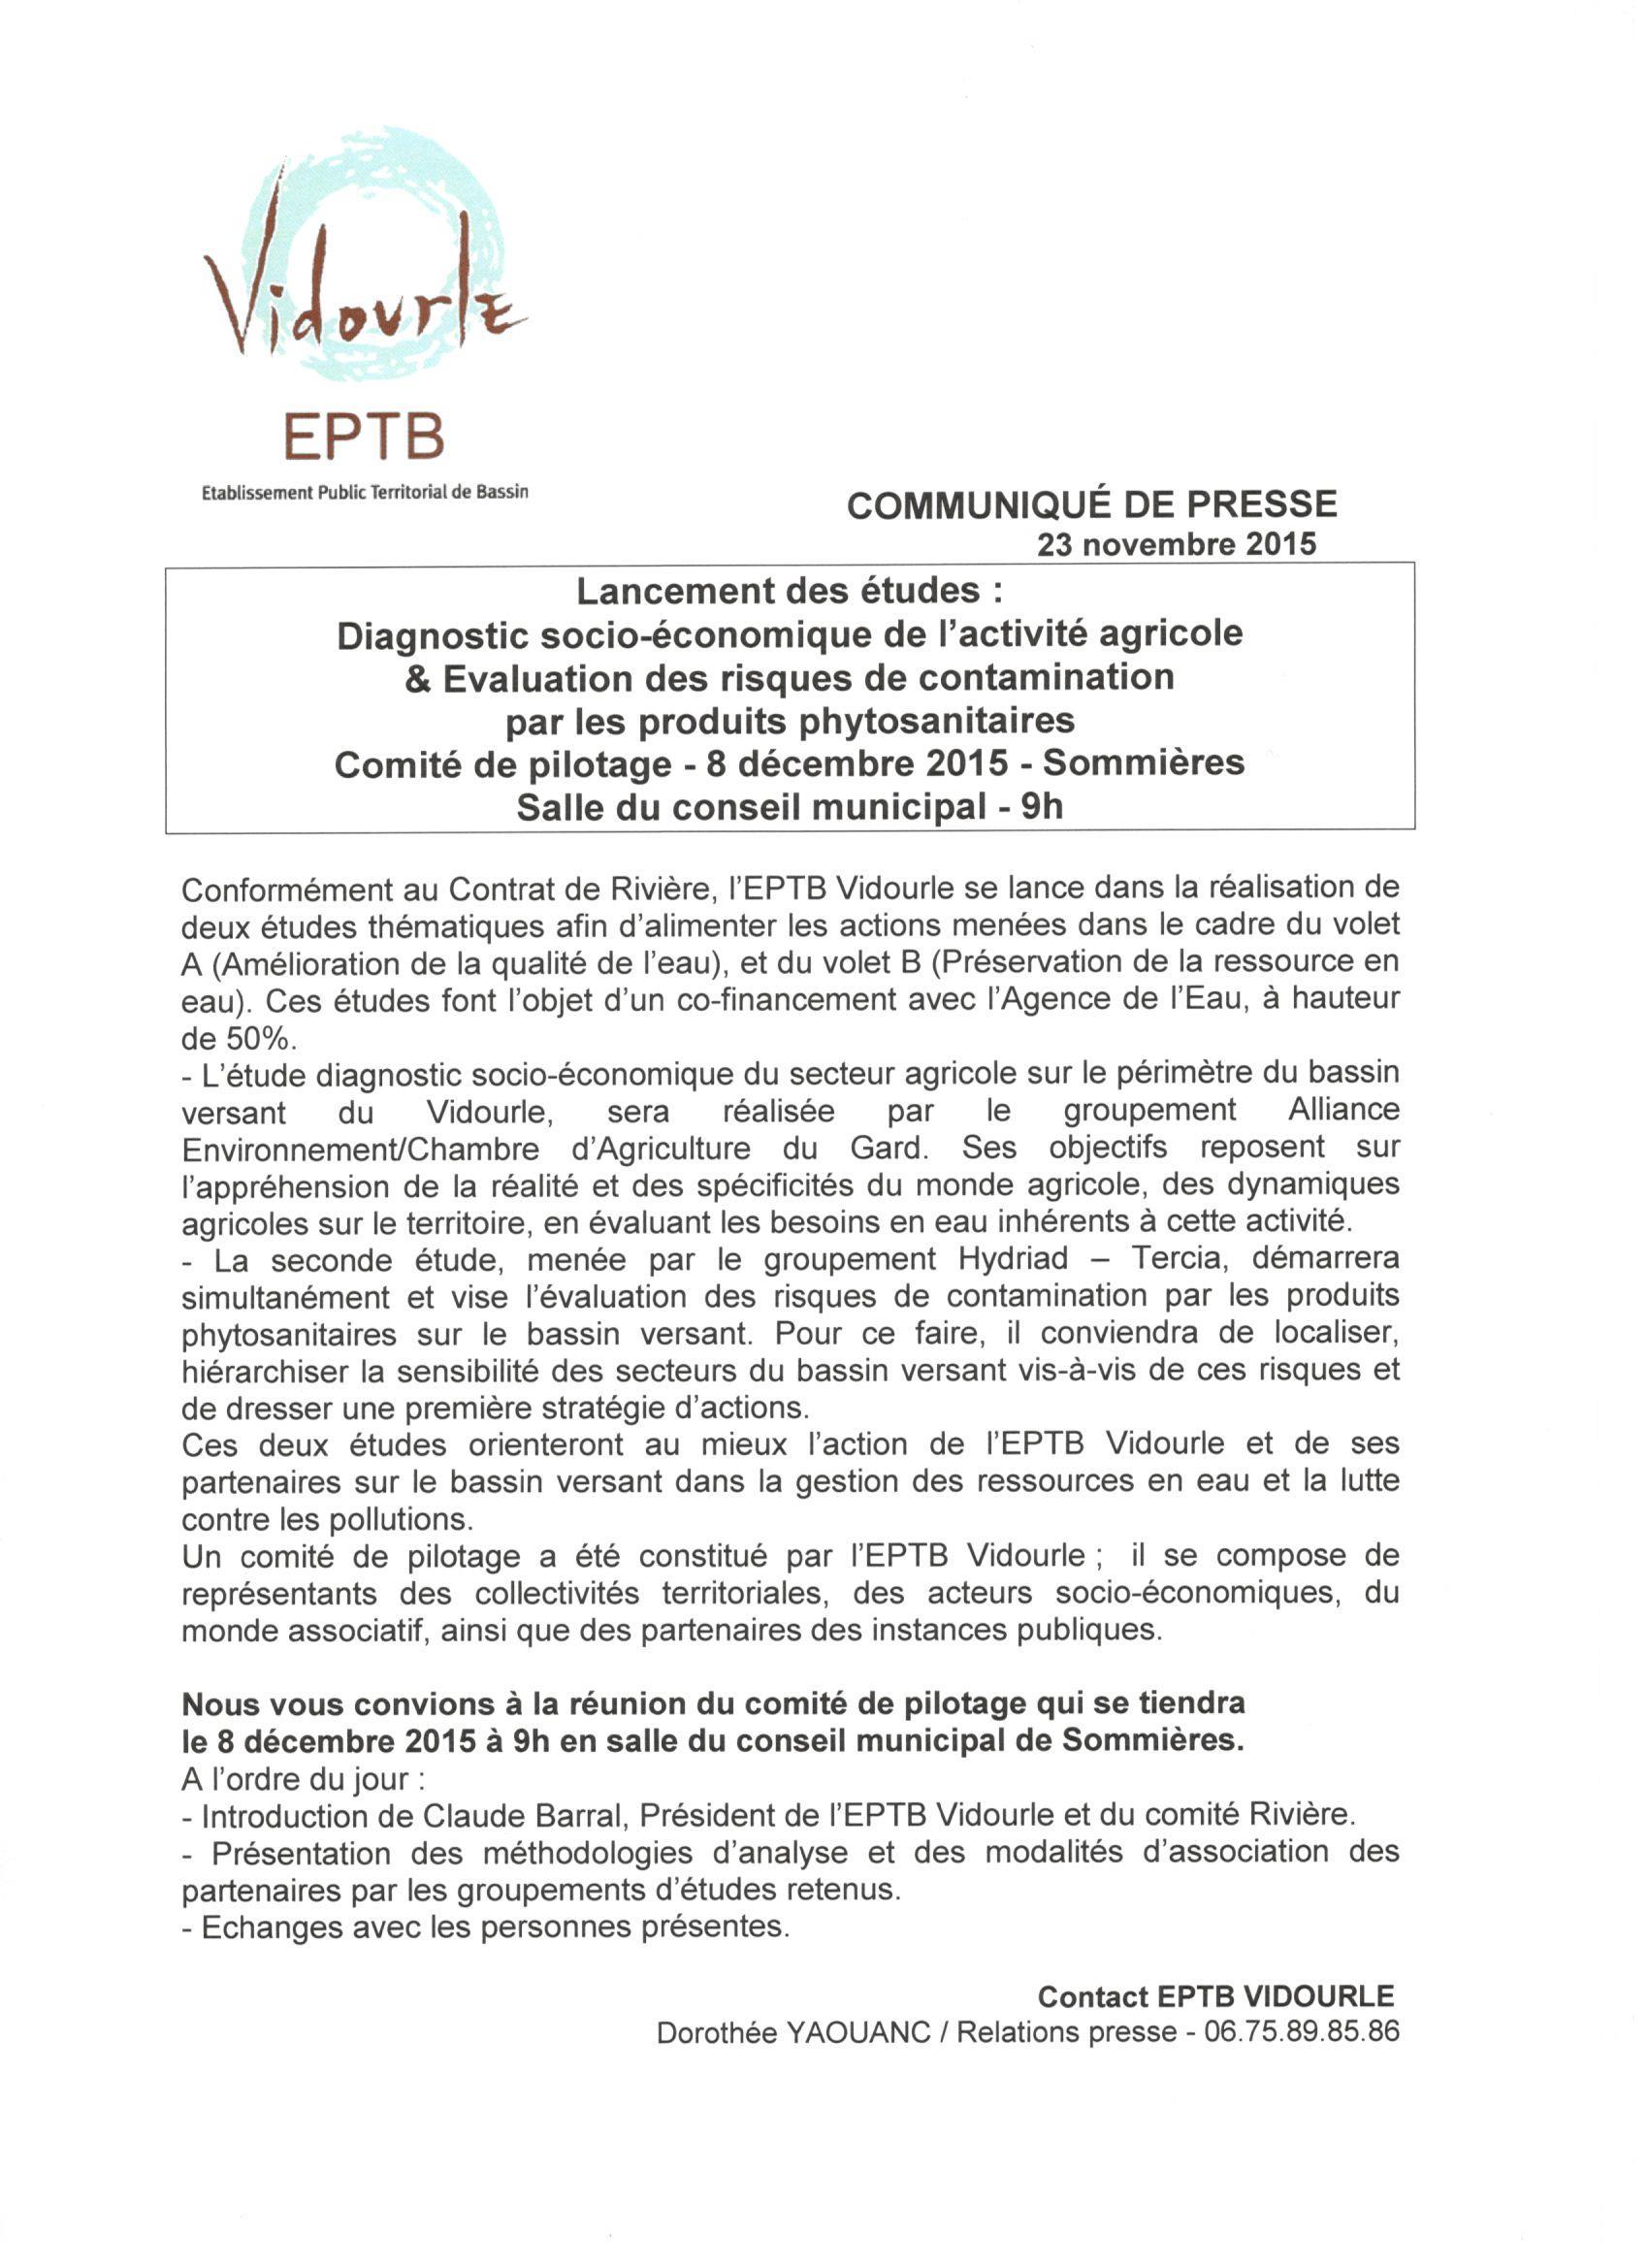 Comité de pilotage – 8/12/2015 – Sommières – Lancement des études : Diagnostic socio-économique de l'activité agricole & évaluation des risques de contamination par les produits phytosanitaires